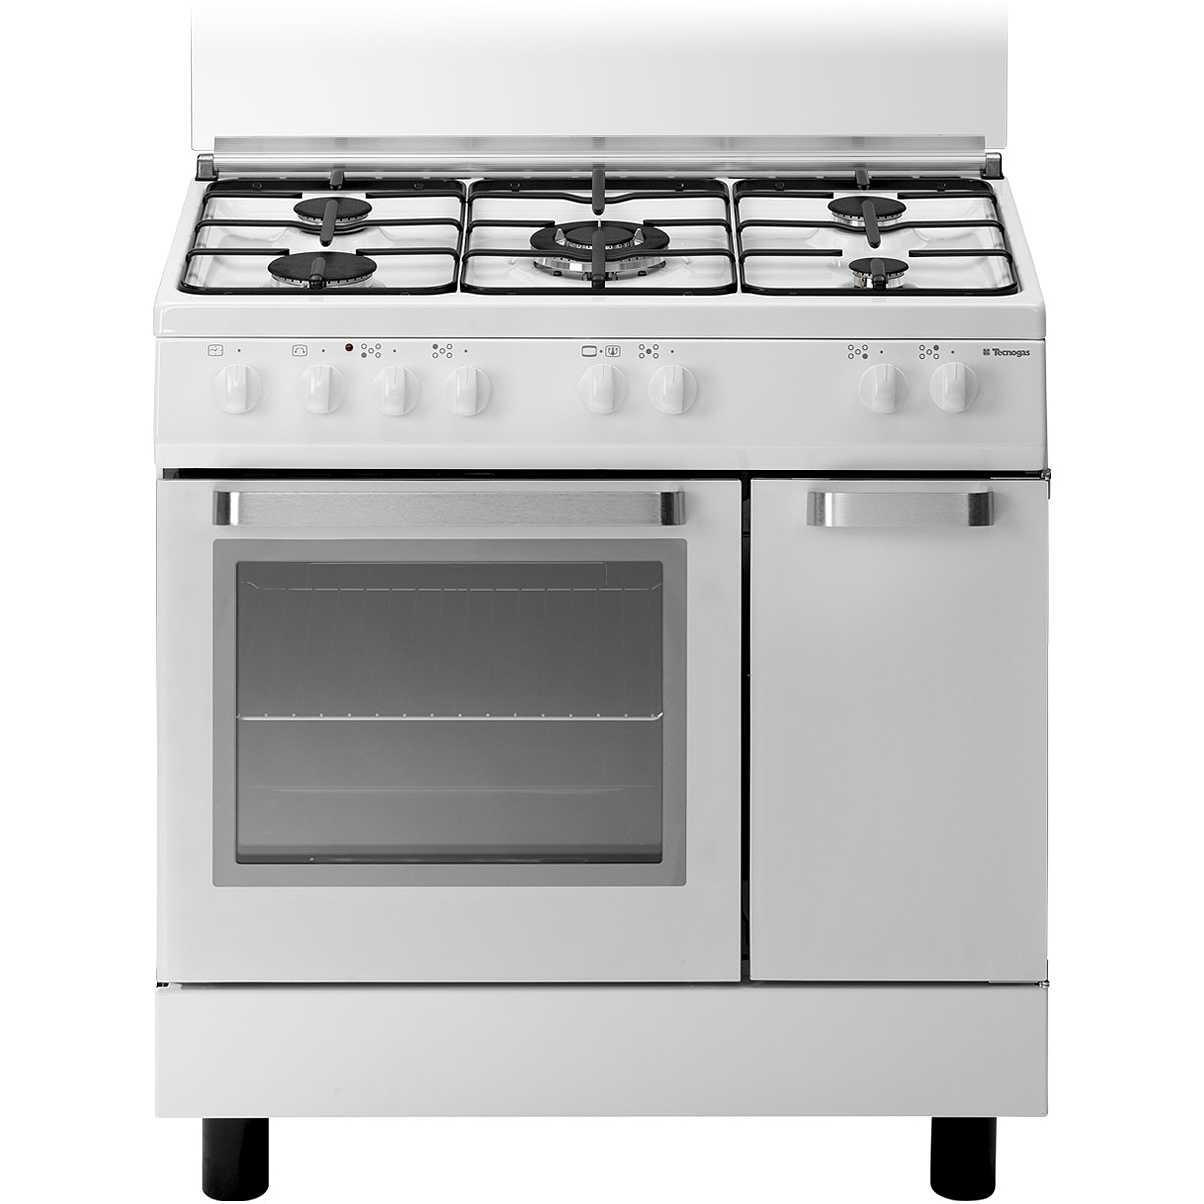 Tecnogas d827ws cucina 80x50 5 fuochi a gas forno elettrico multifunzione 52 litri classe a - Cucina 5 fuochi ...